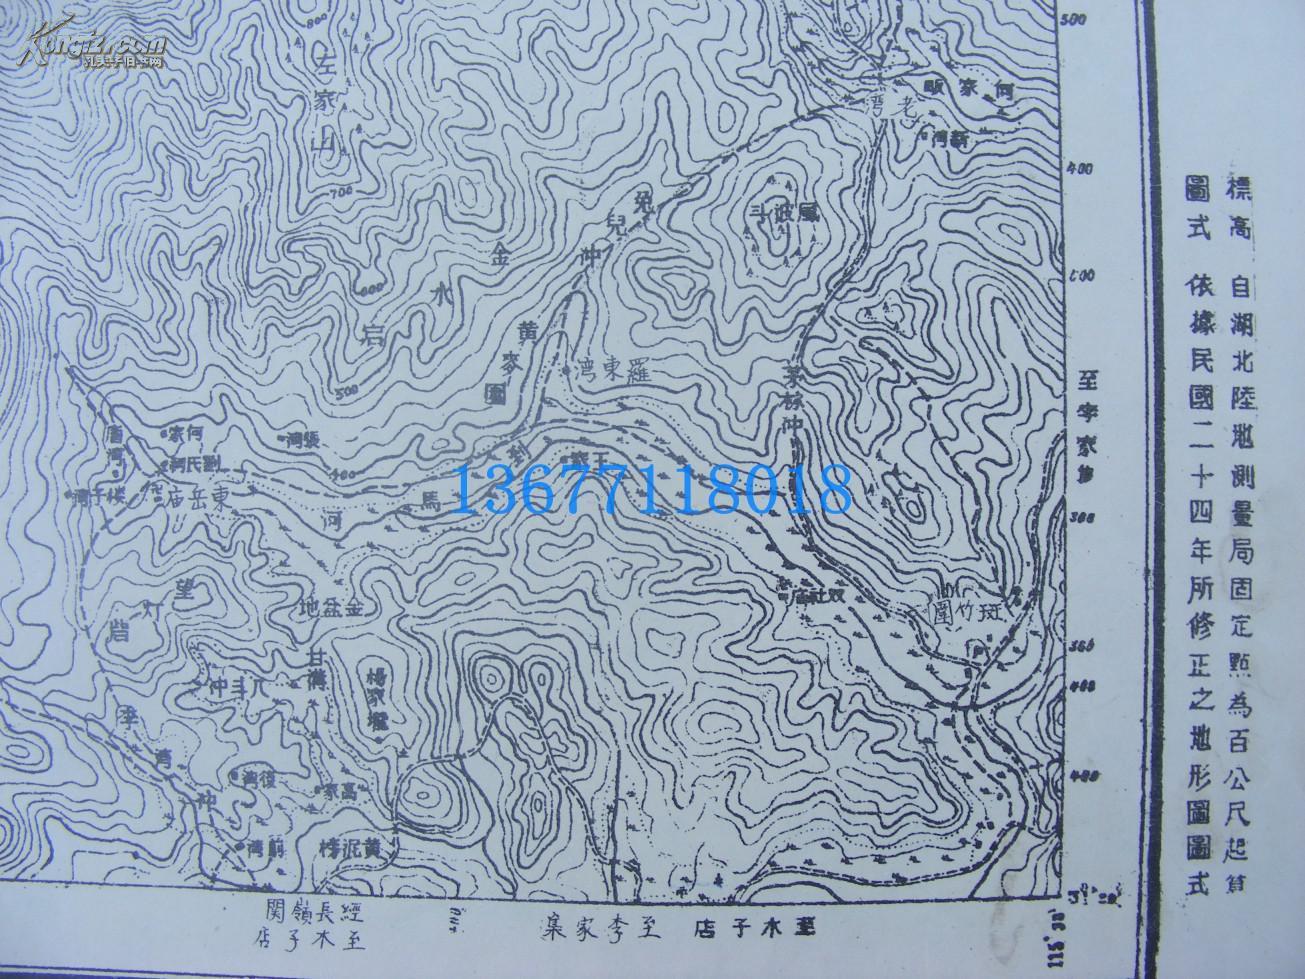 民国(日军侵华)地图(105)~~湖北省麻城县河南省商城县图片